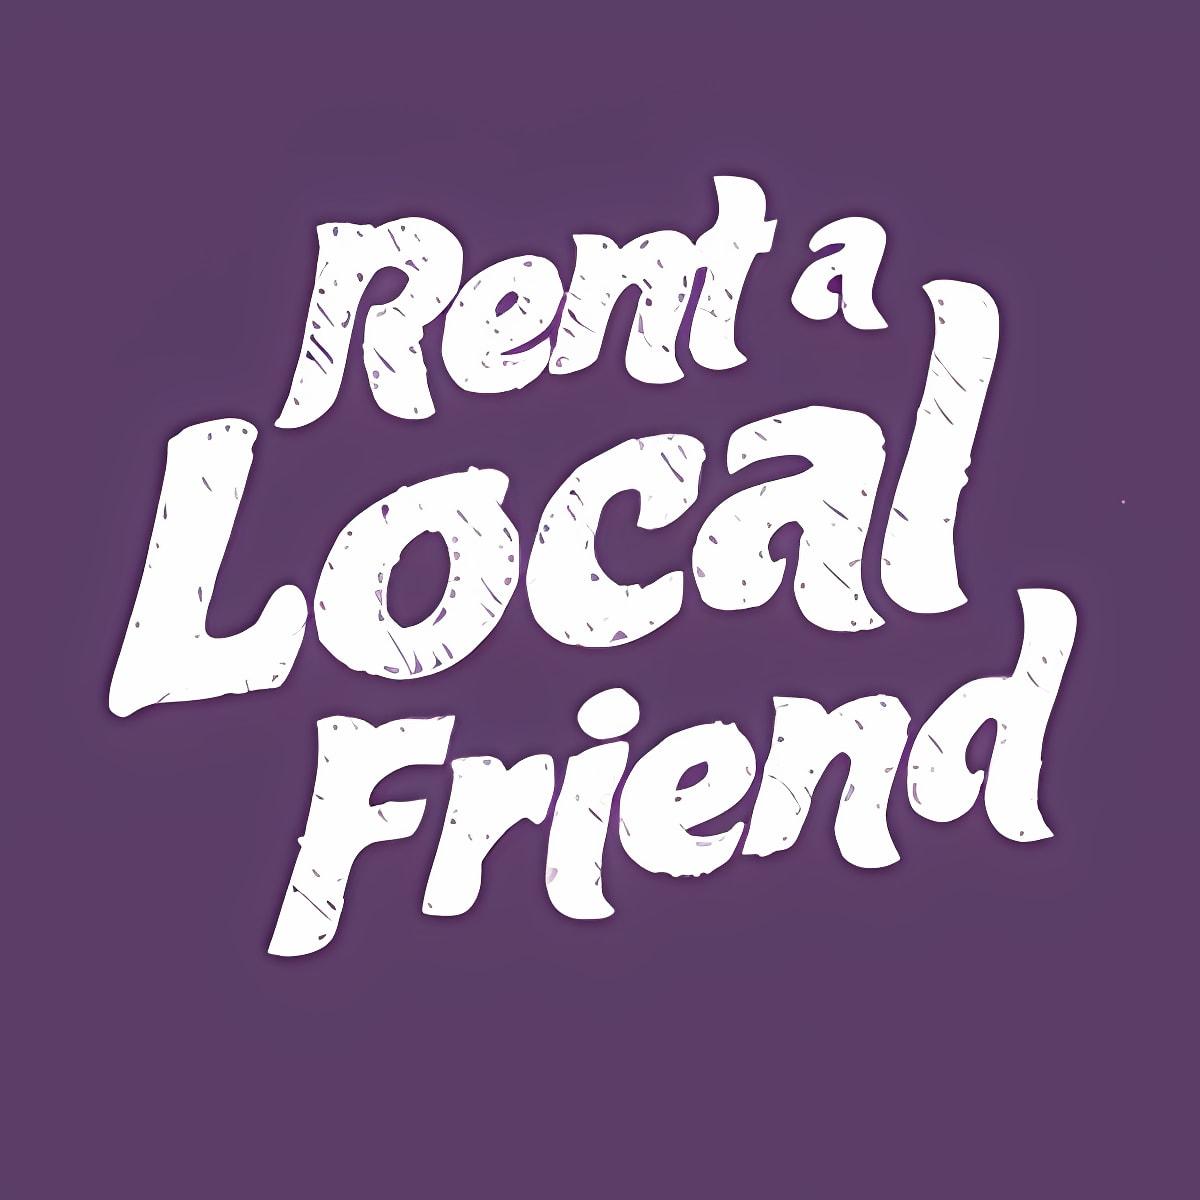 Rent a Local Friend